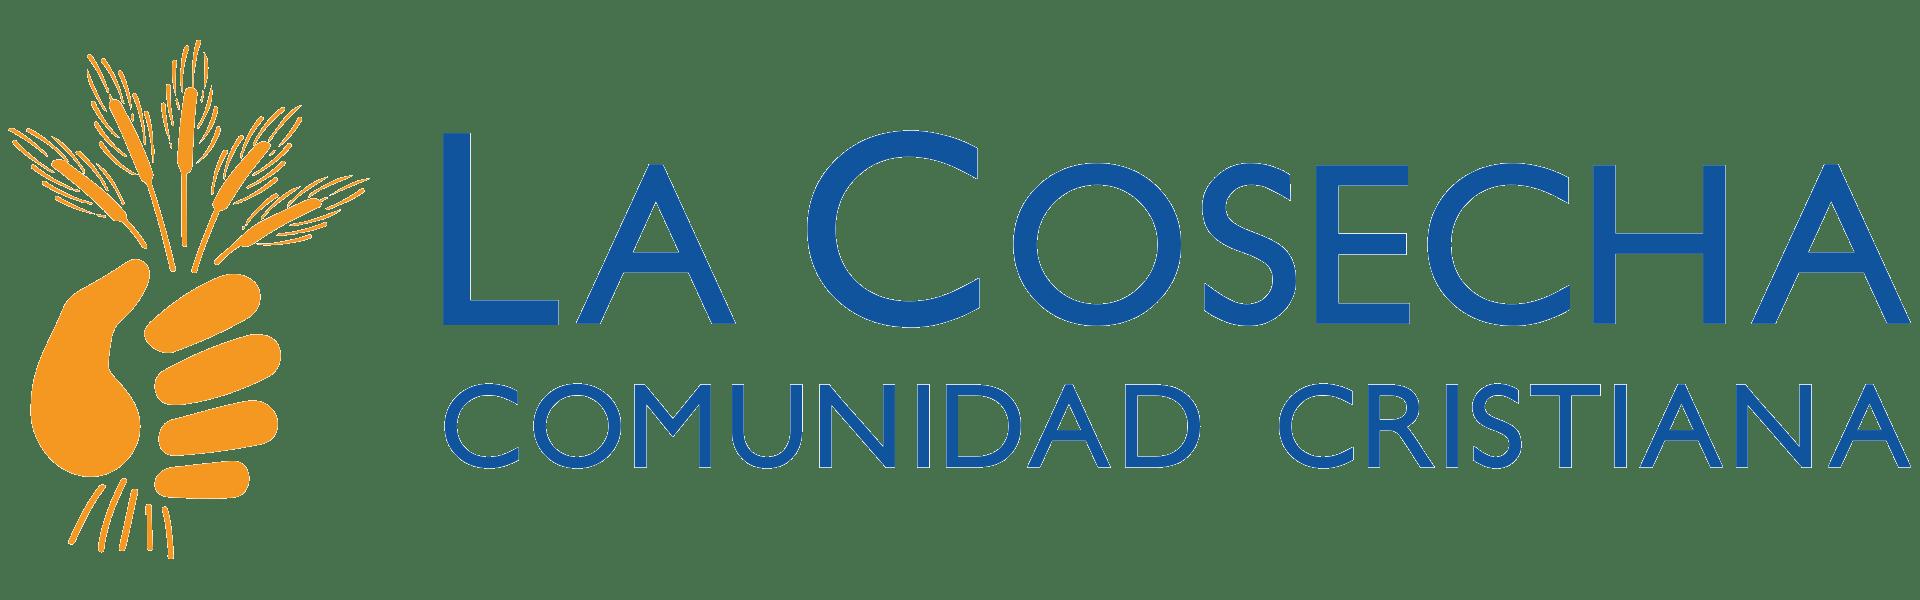 CCLC-COLOR-FLAT